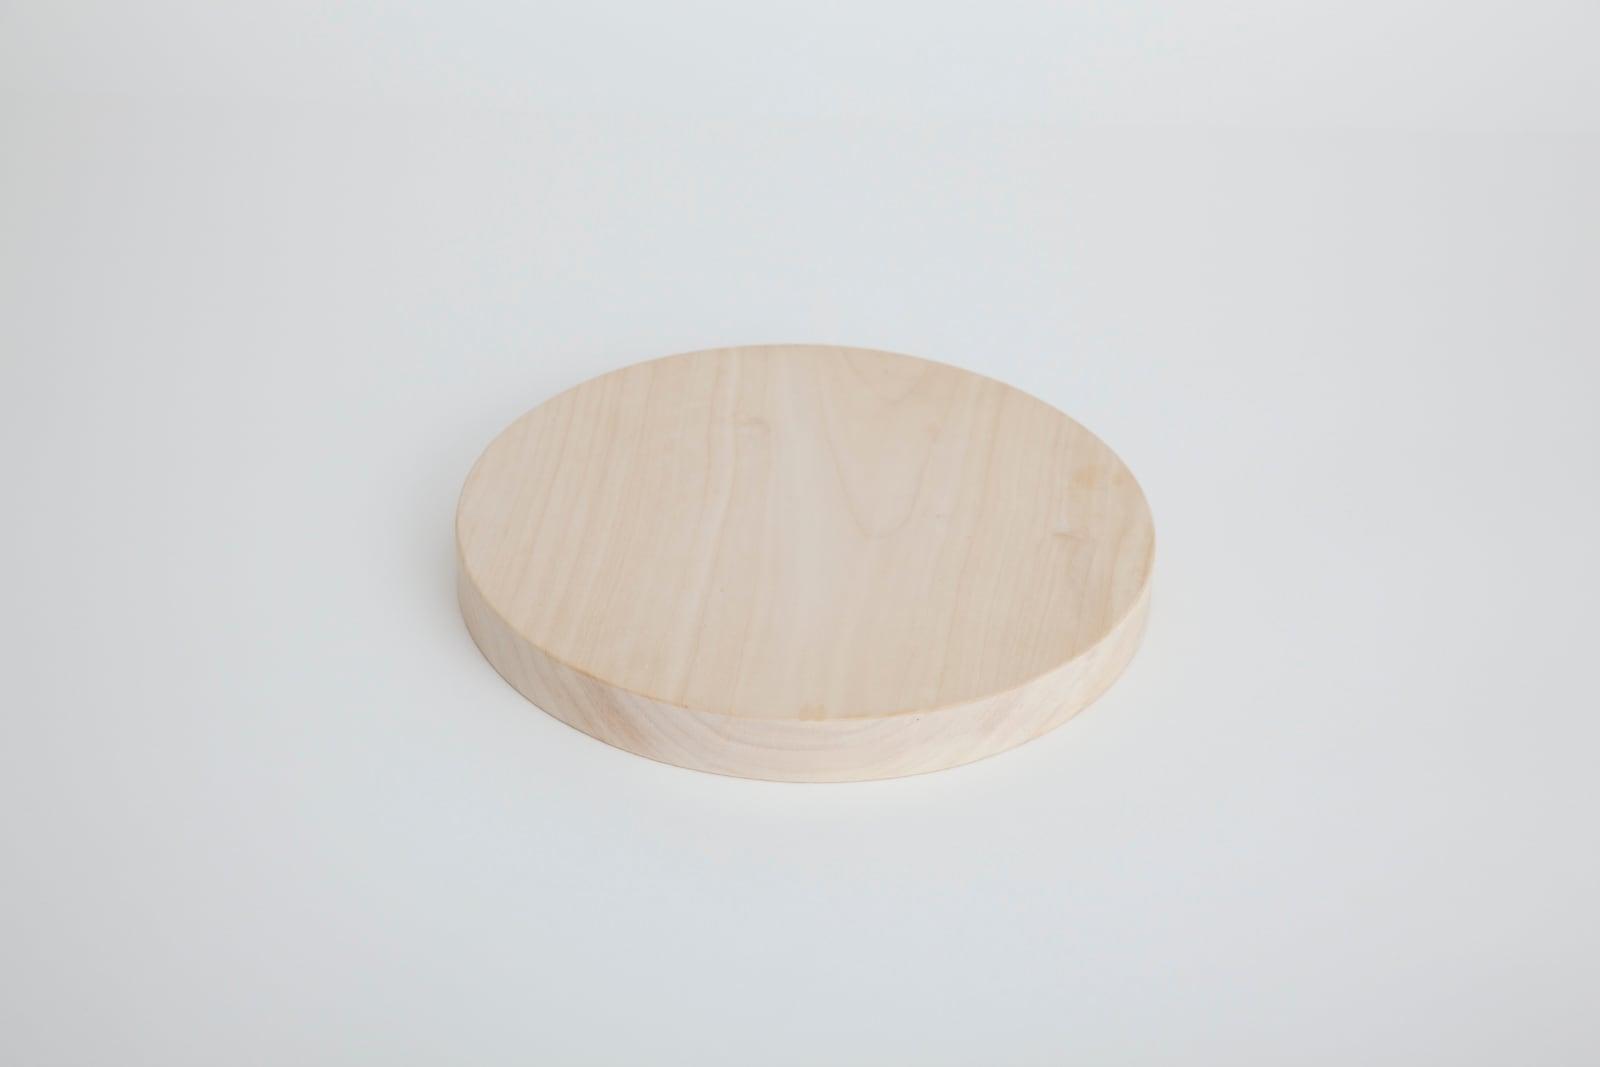 小さい丸いまな板 23cm